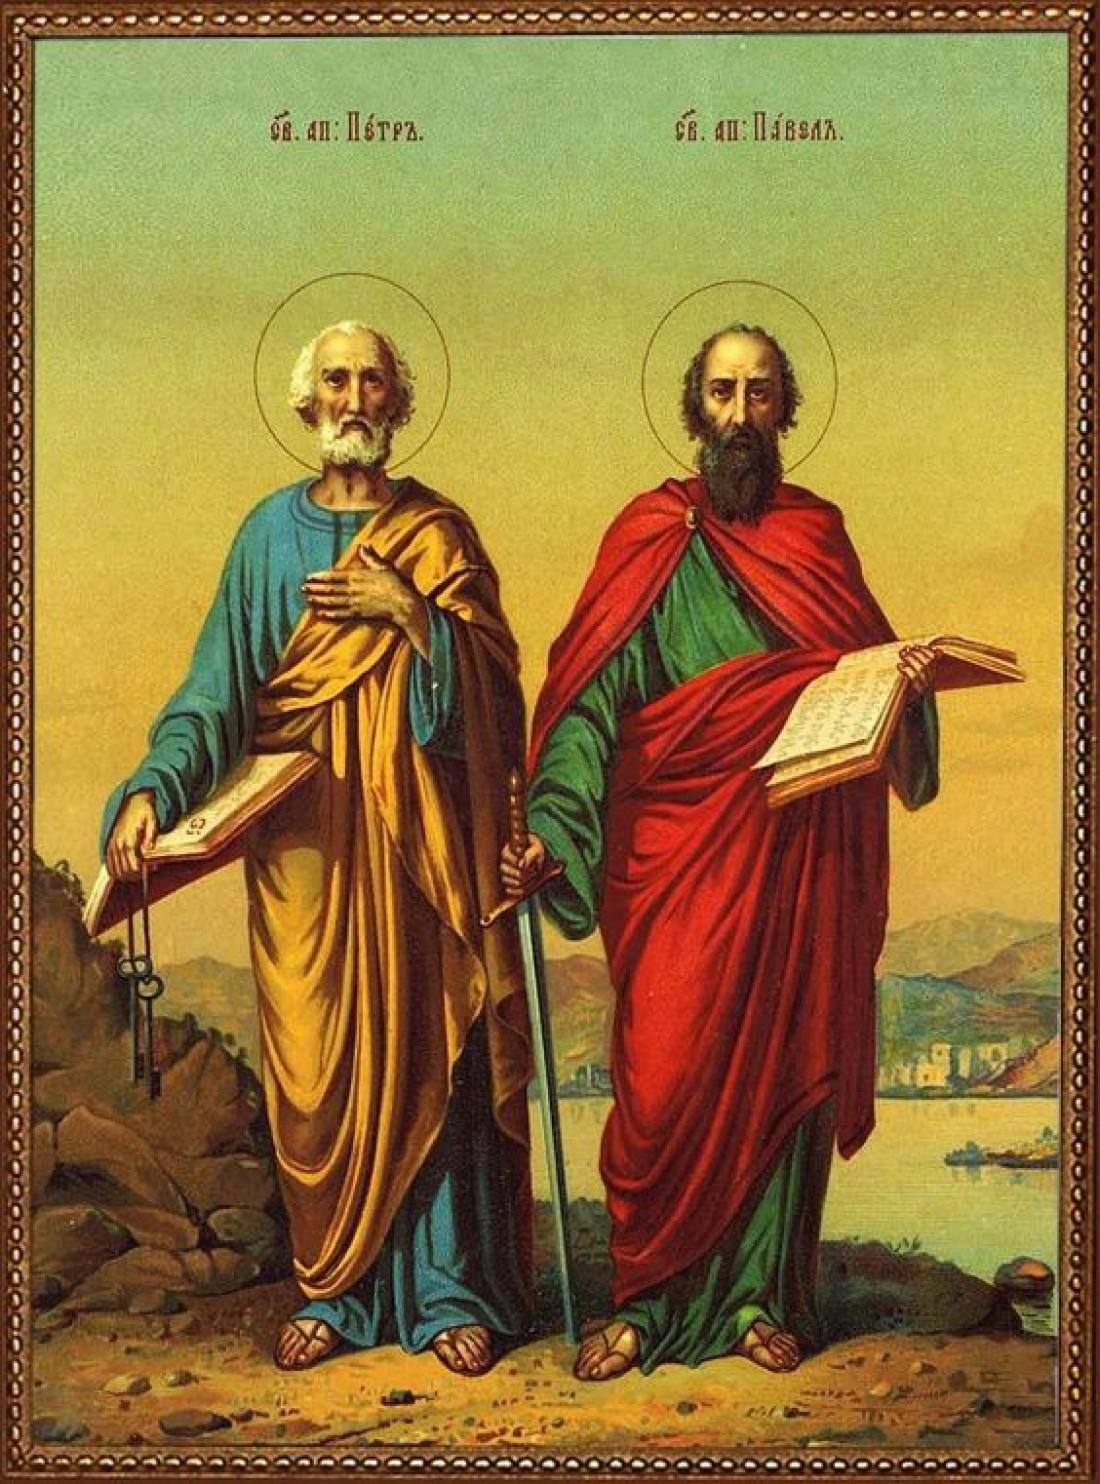 Петров пост 2020: Апостолы Петр и Павел